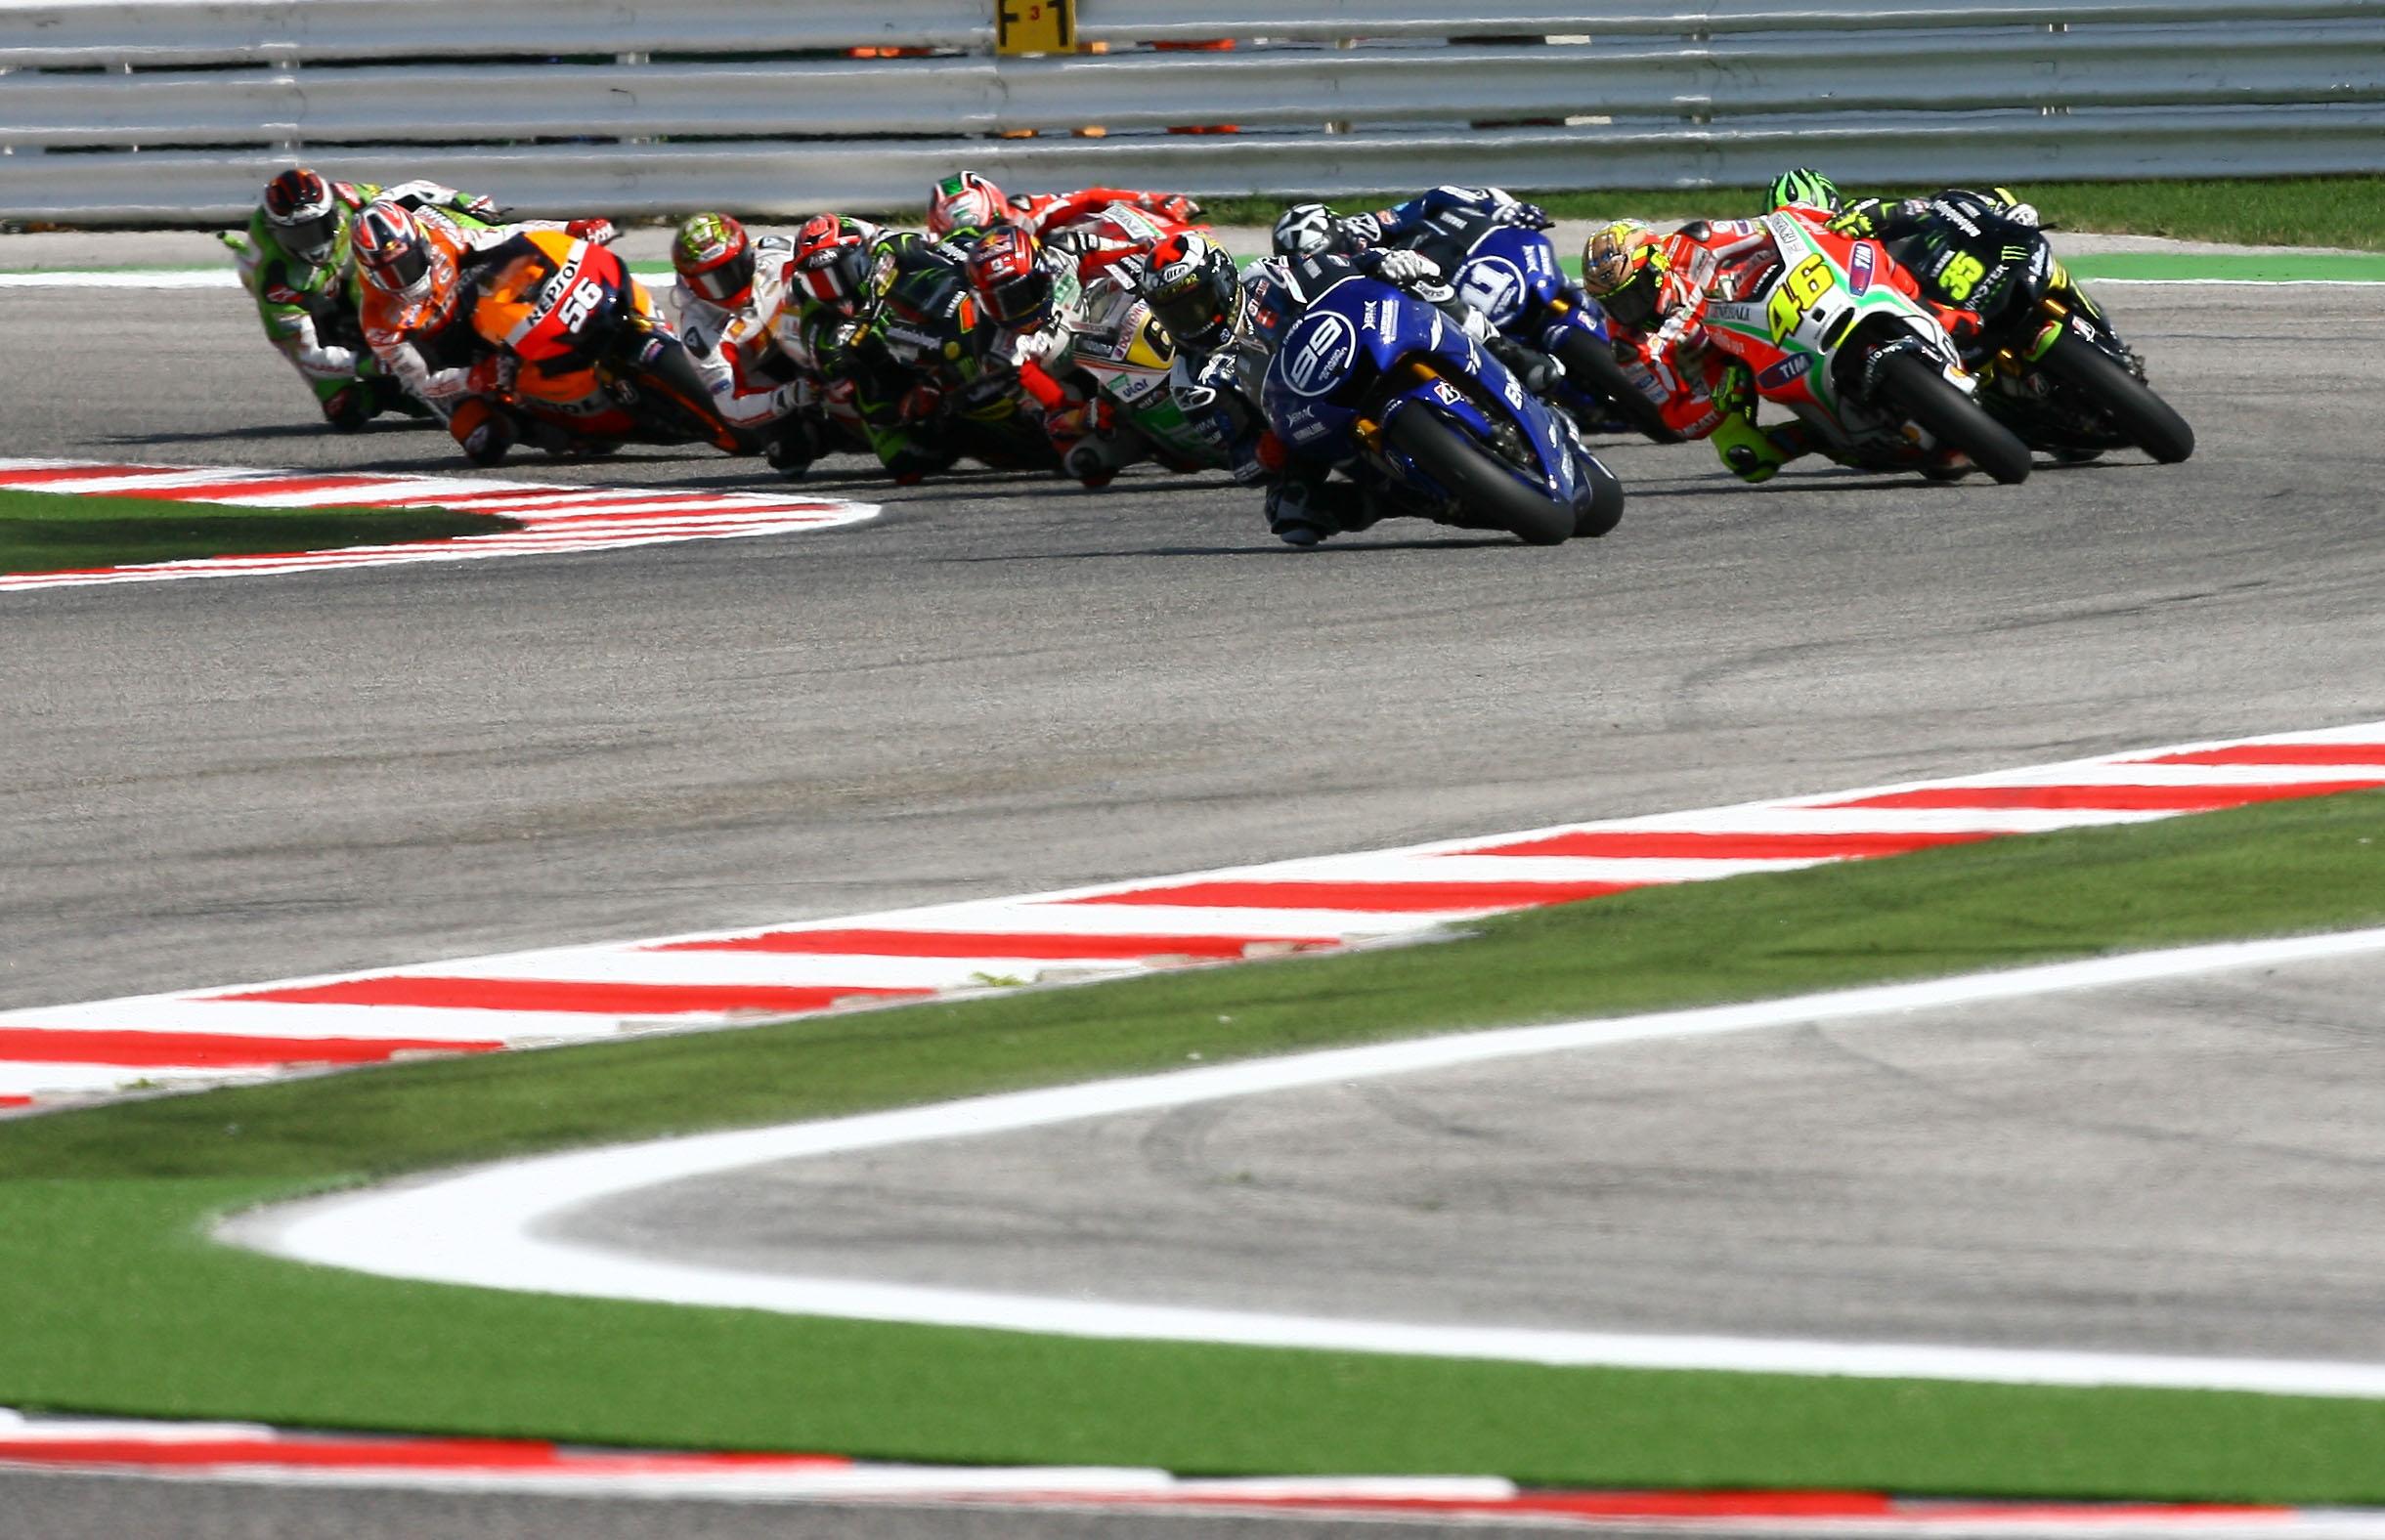 Gran Premio de San Marino